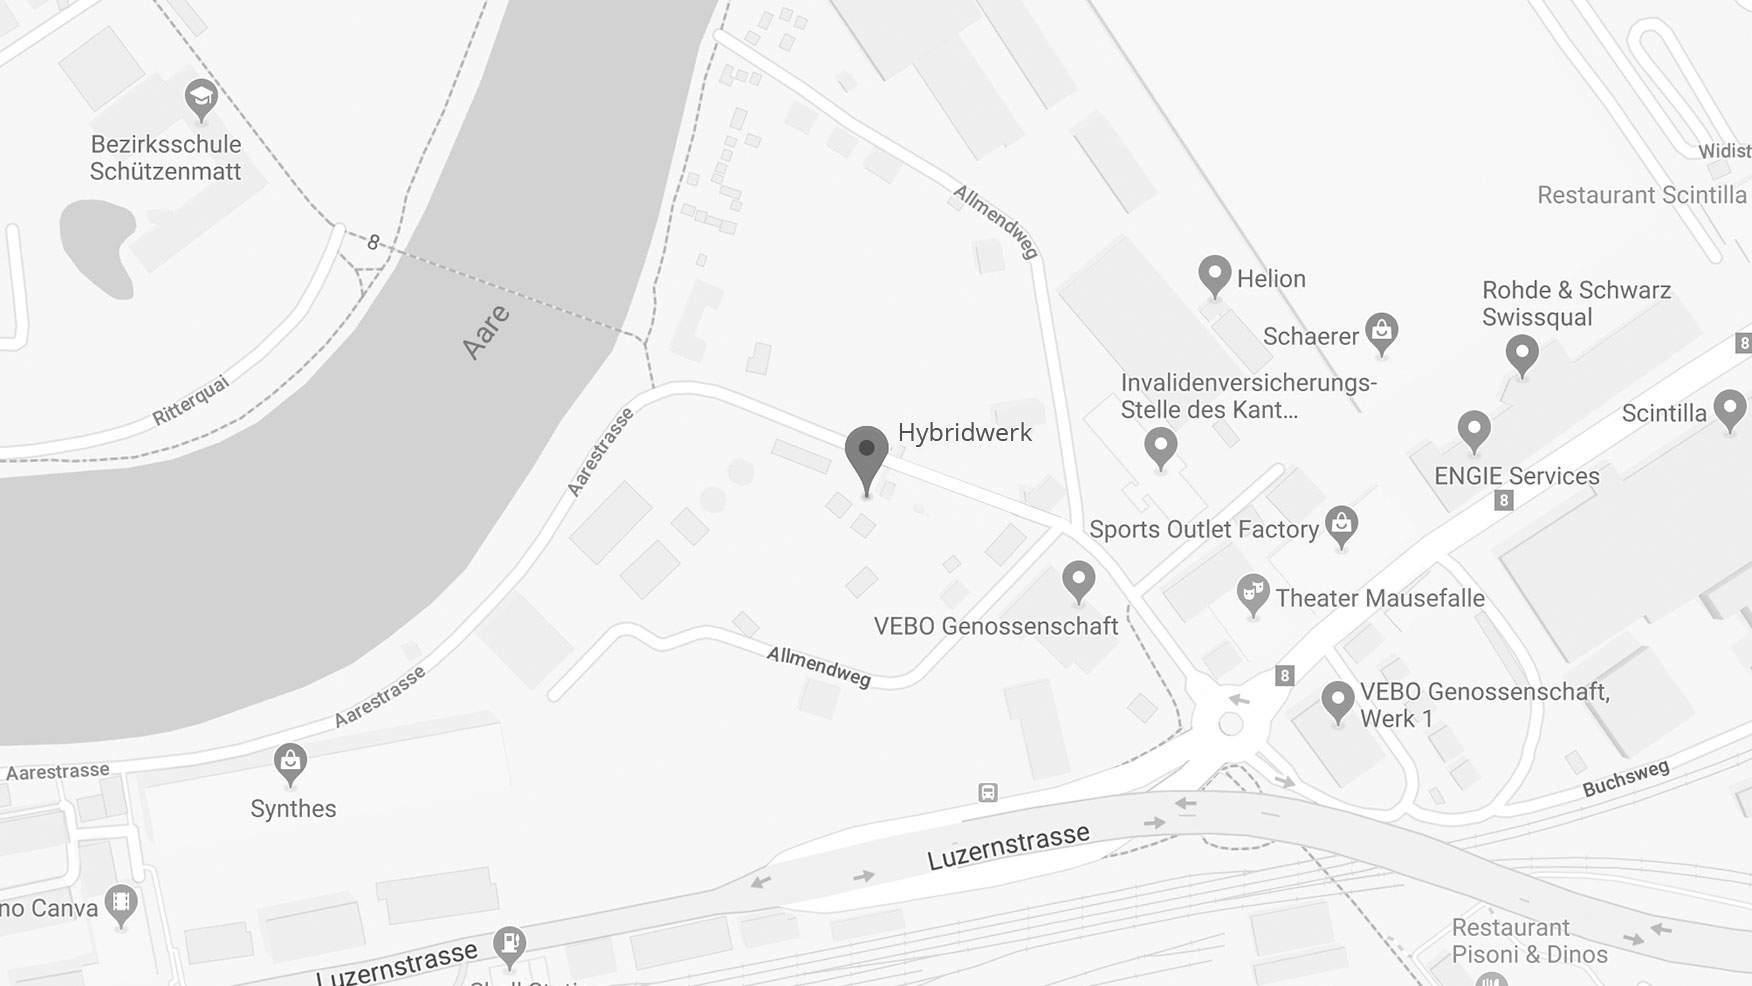 Google Maps Bild vom Hybridwerk Aarmatt